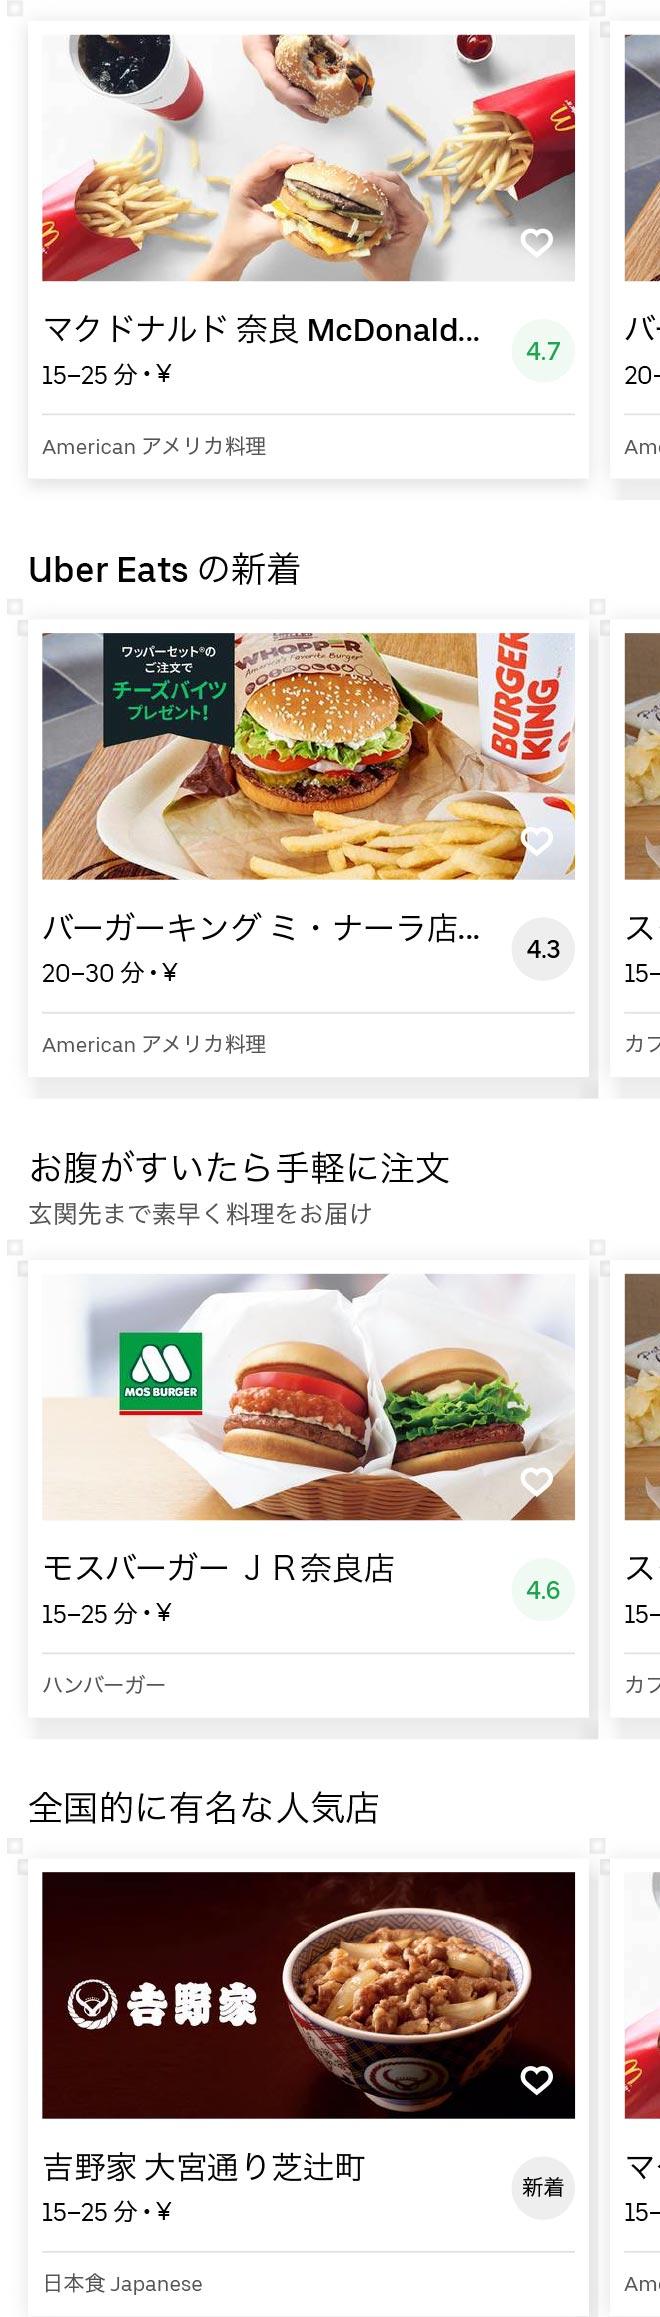 Nara menu 2007 01